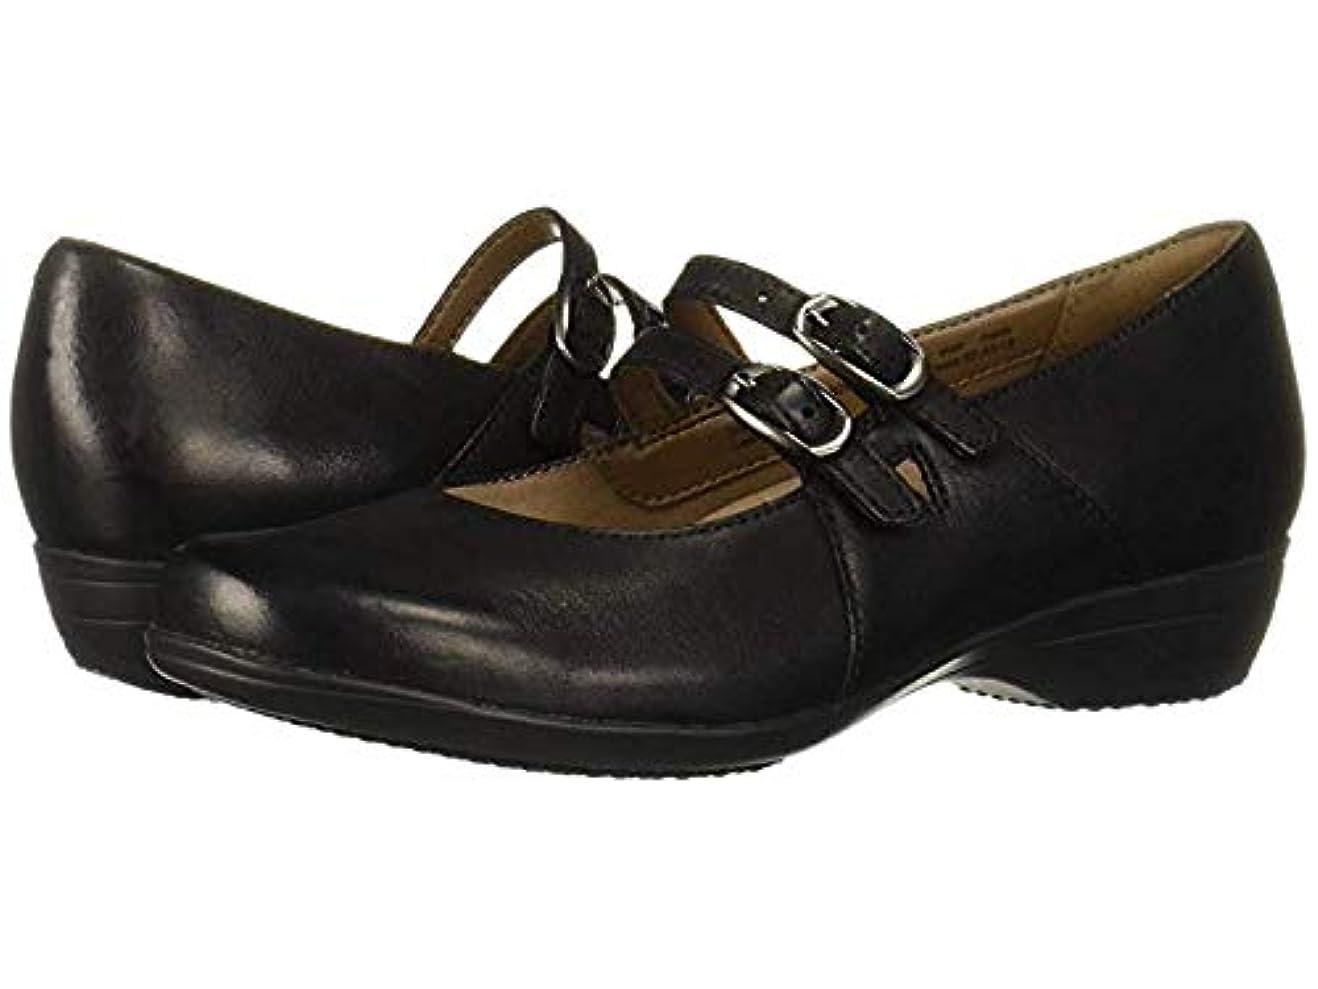 笑い雰囲気スピリチュアルレディースローファー?靴 Fynn Black Burnished Nubuck (25-25.5cm) Regular [並行輸入品]